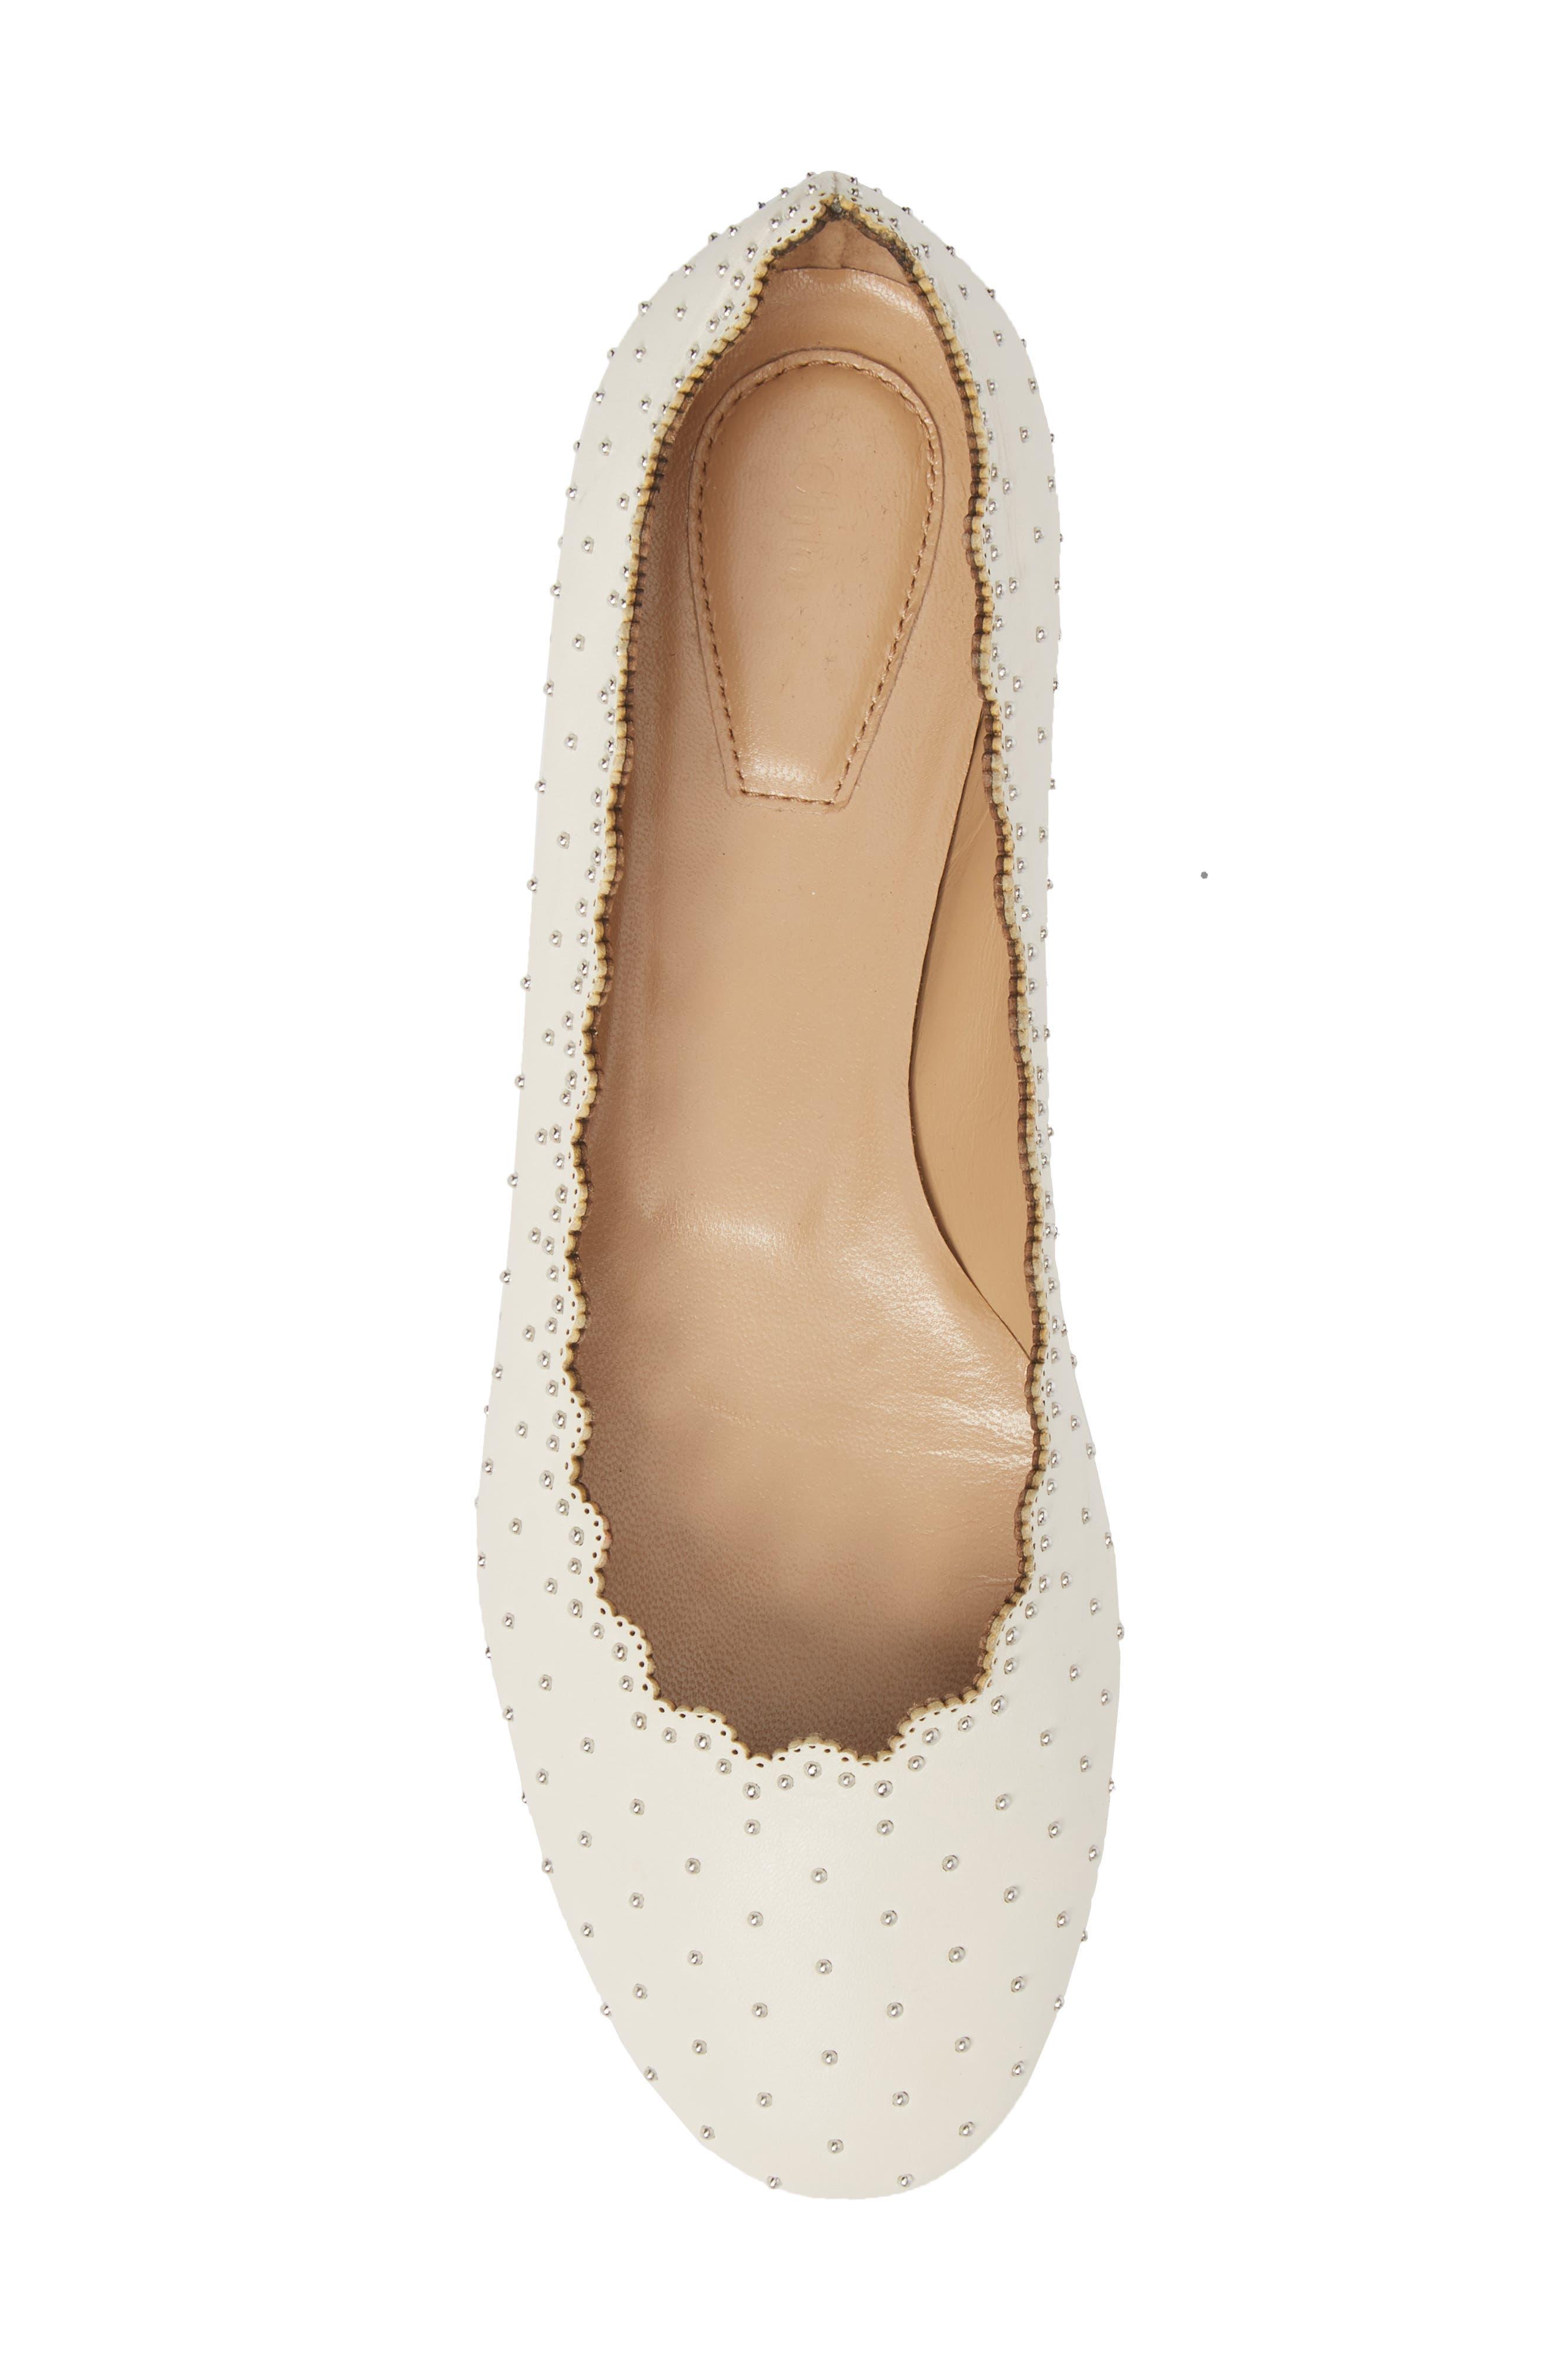 Lauren Studded Ballet Flat,                             Alternate thumbnail 5, color,                             WHITE